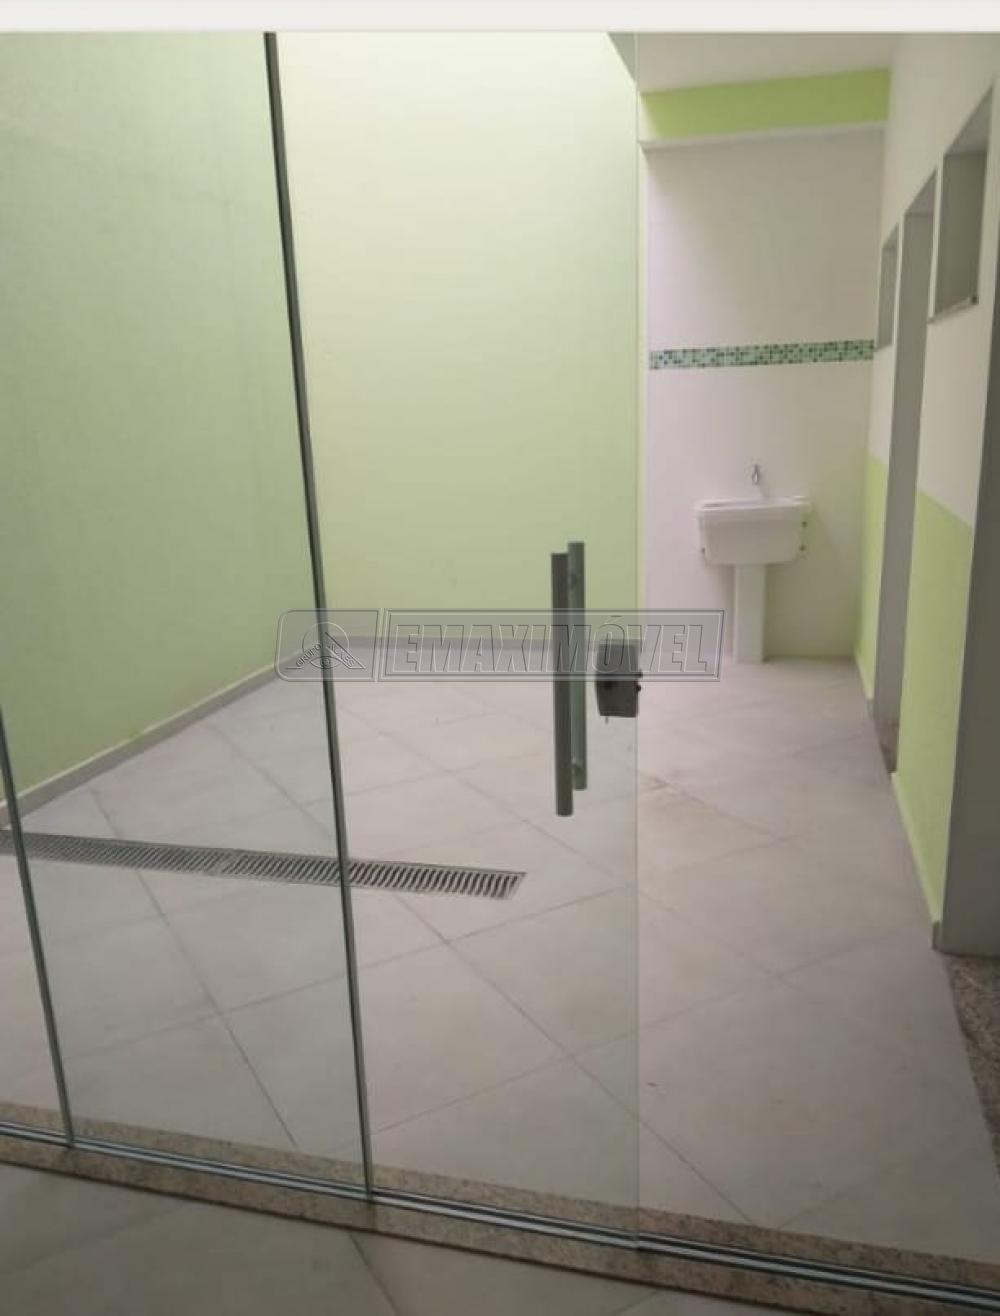 Alugar Comercial / Salas em Bairro em Sorocaba apenas R$ 2.500,00 - Foto 8